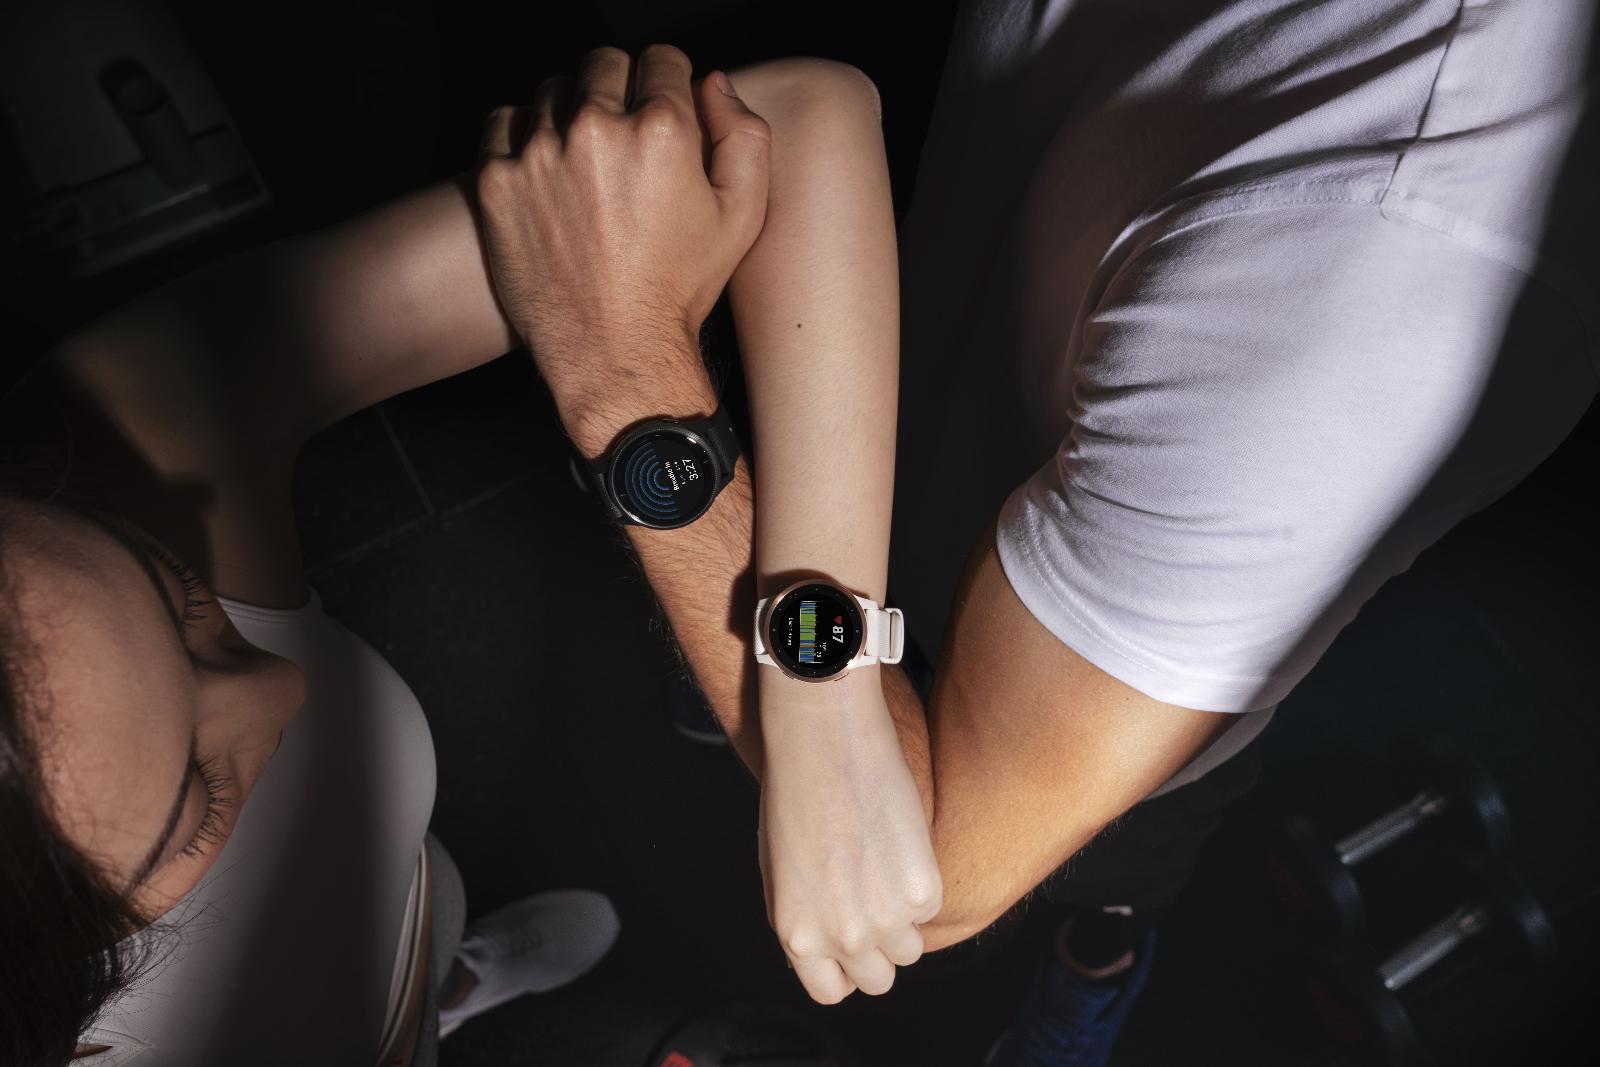 Garmin ดึง 2 ผู้เชี่ยวชาญจากวงการแพทย์ ตอกย้ำความเชื่อมั่น การมีข้อมูลสุขภาพในมือ ช่วยสนับสนุนการรักษาได้ทันท่วงที